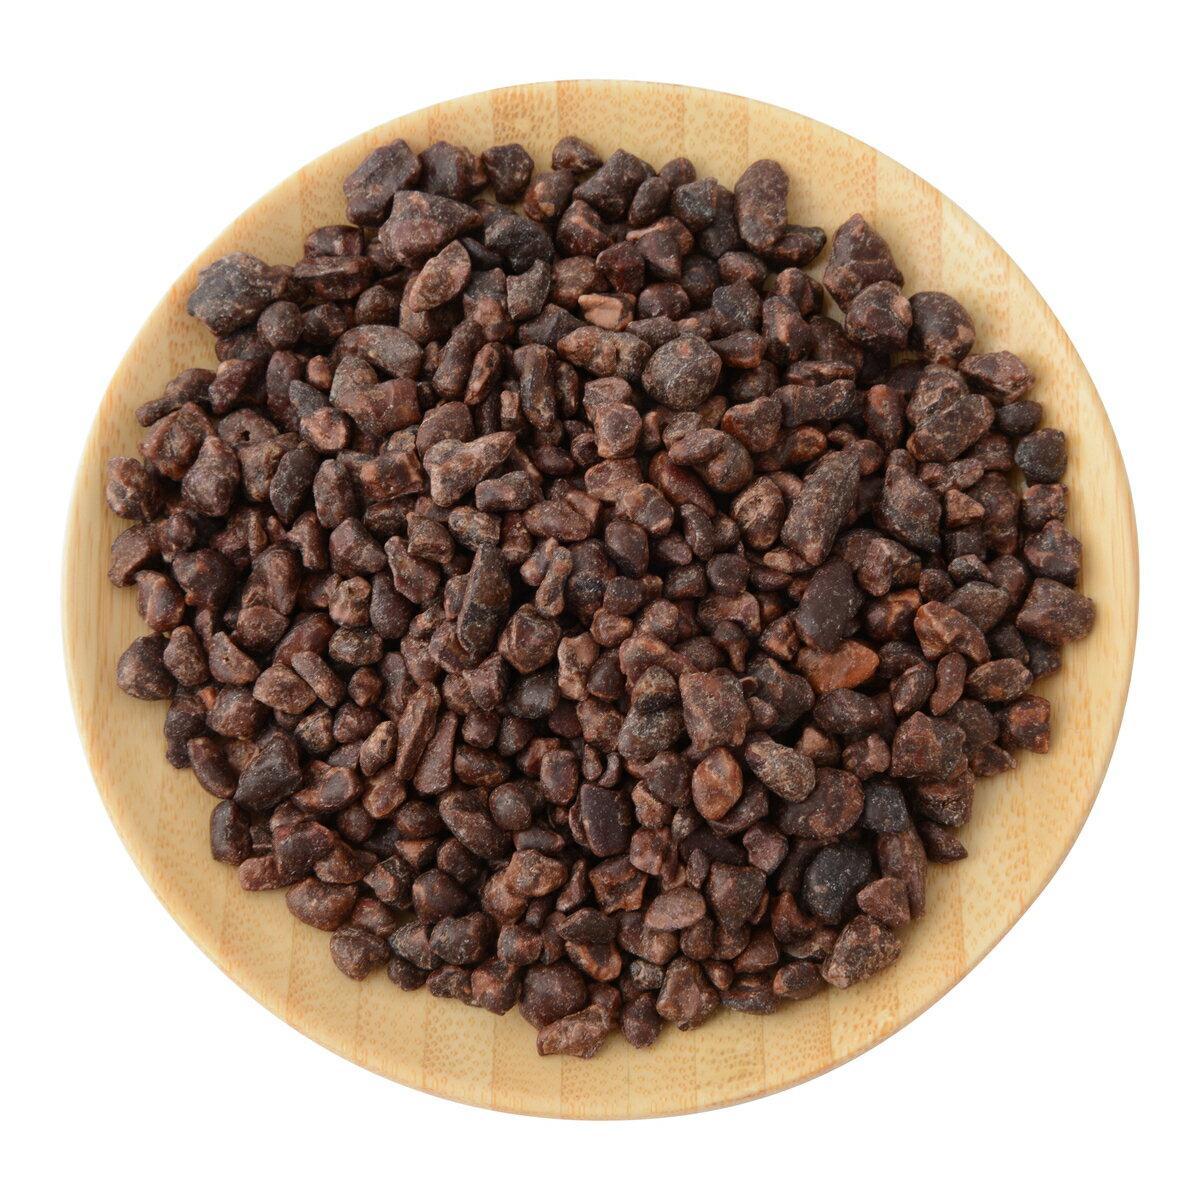 スウィート カカオニブ 300g【天然甘味成分でコーティング・砂糖不使用】【EU有機認証カカオ使用】